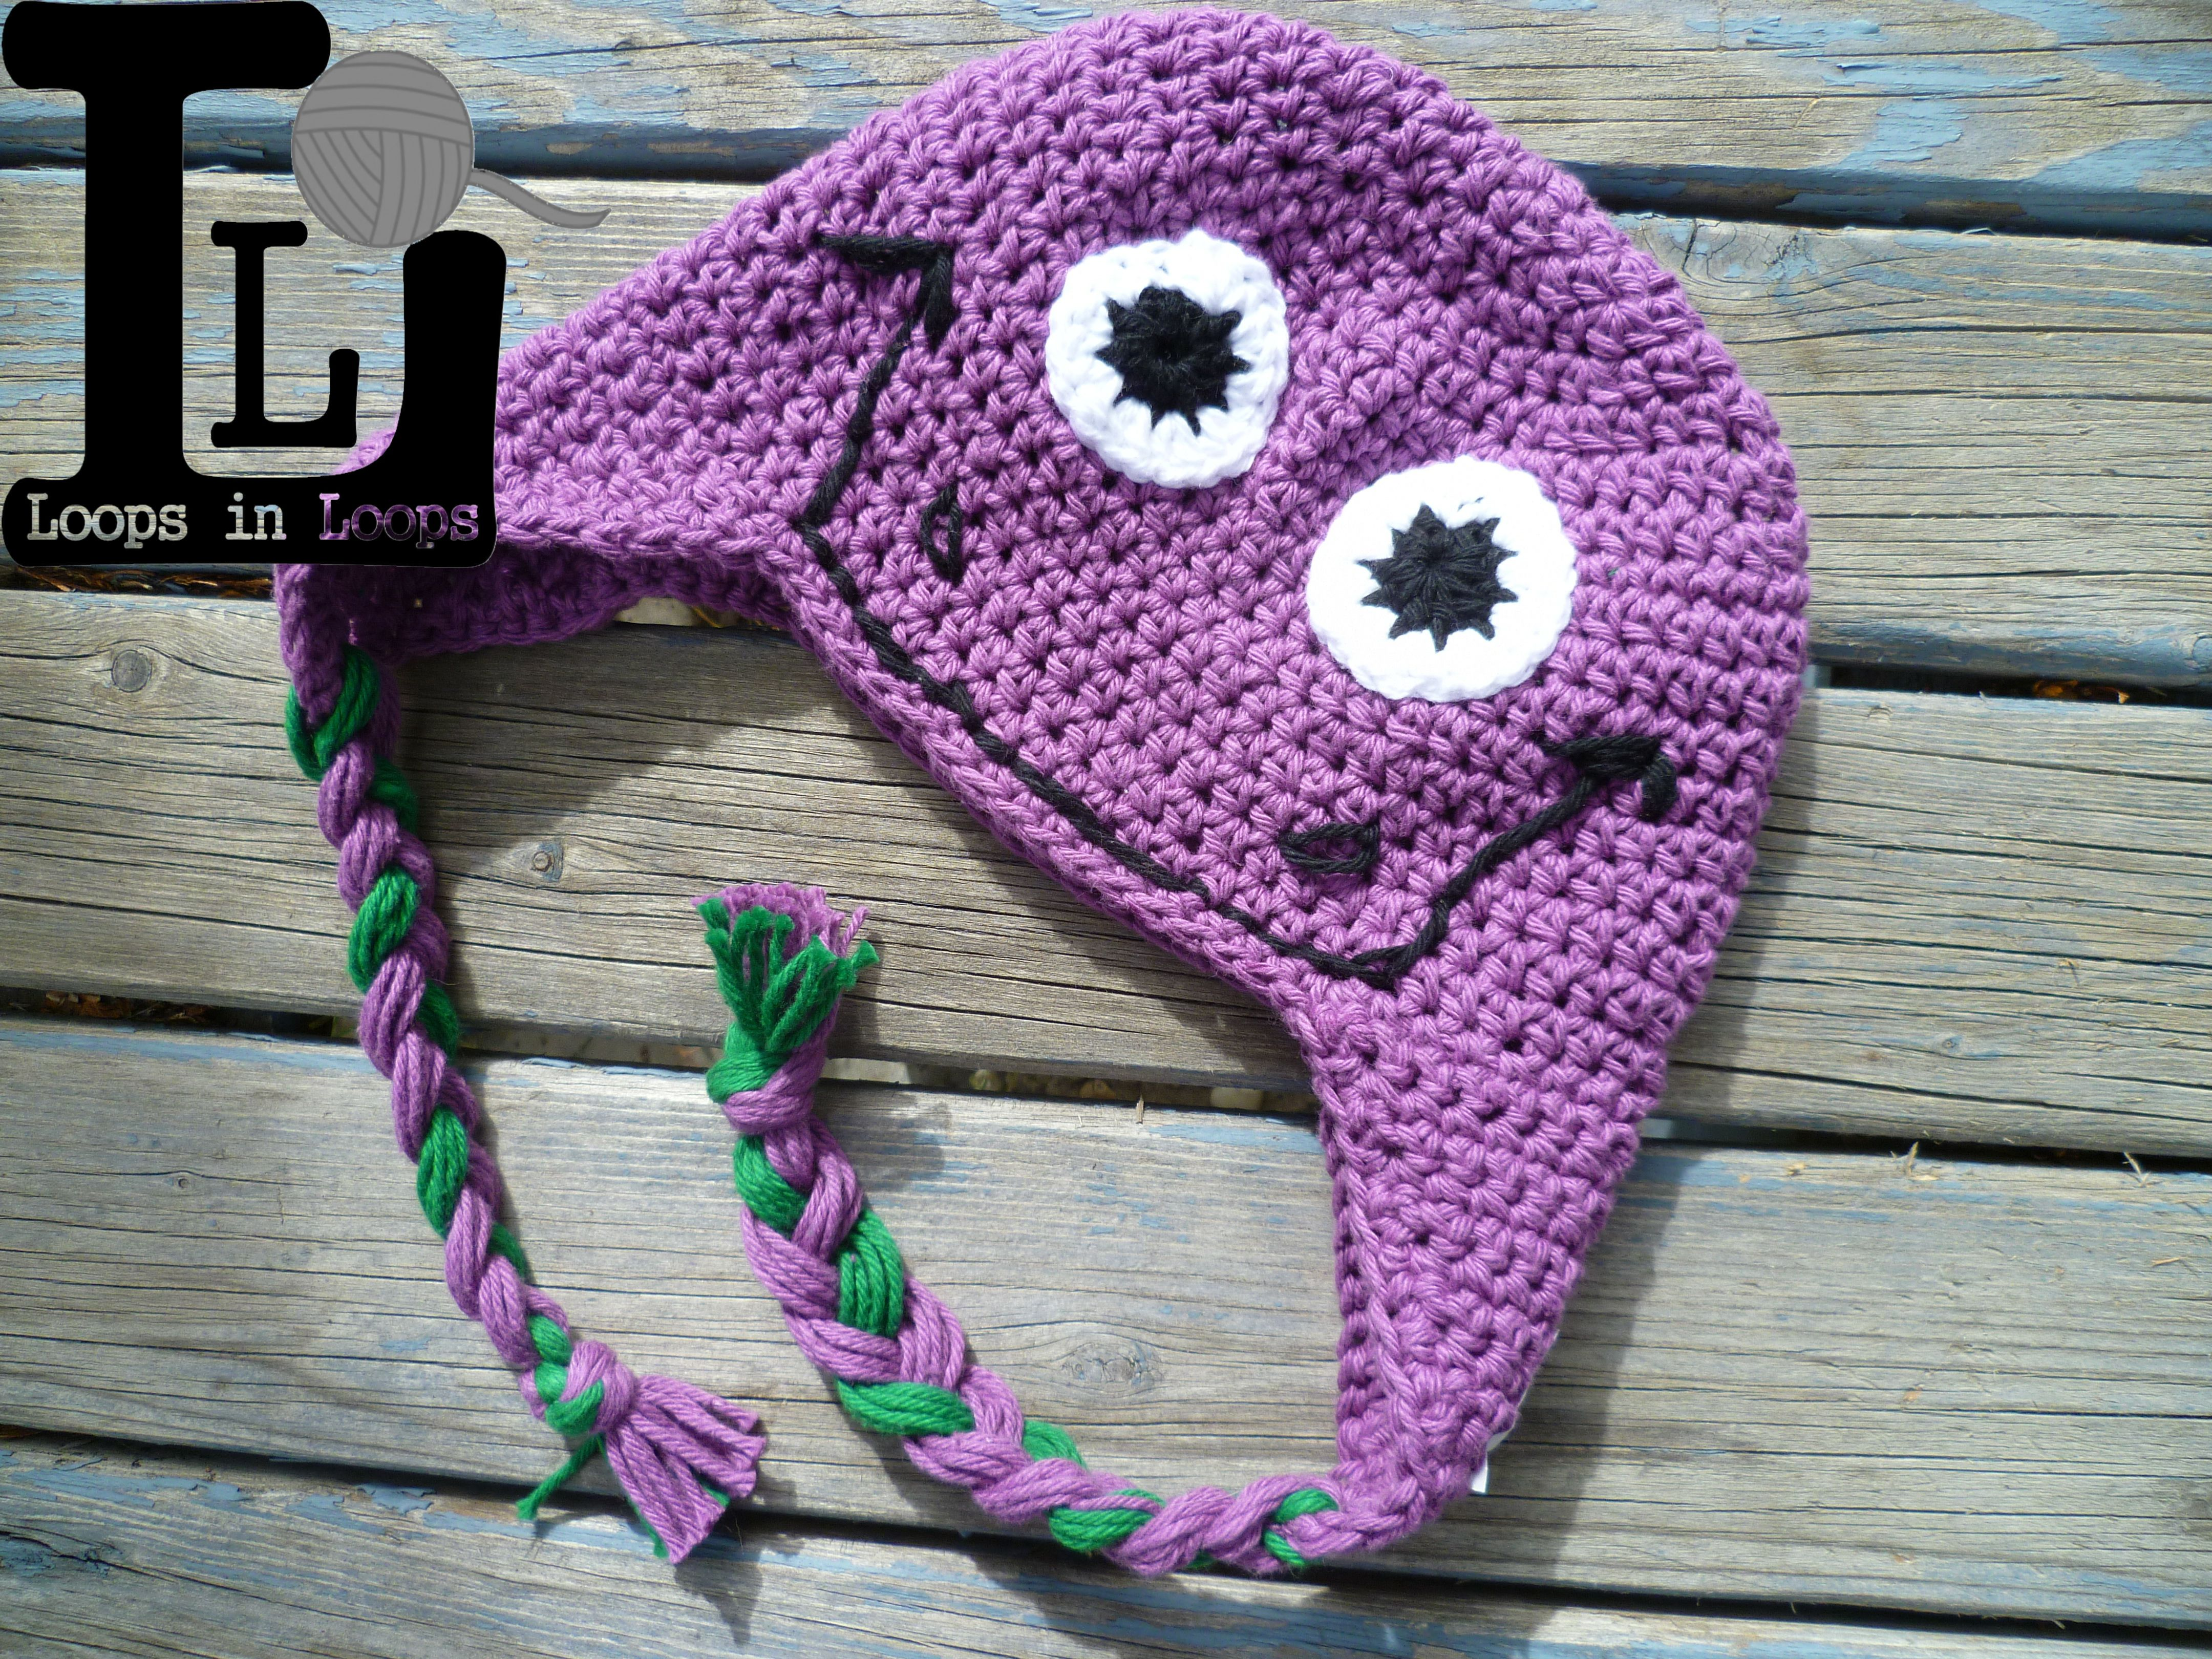 Pin von Crystal Freeman auf Crochet | Pinterest